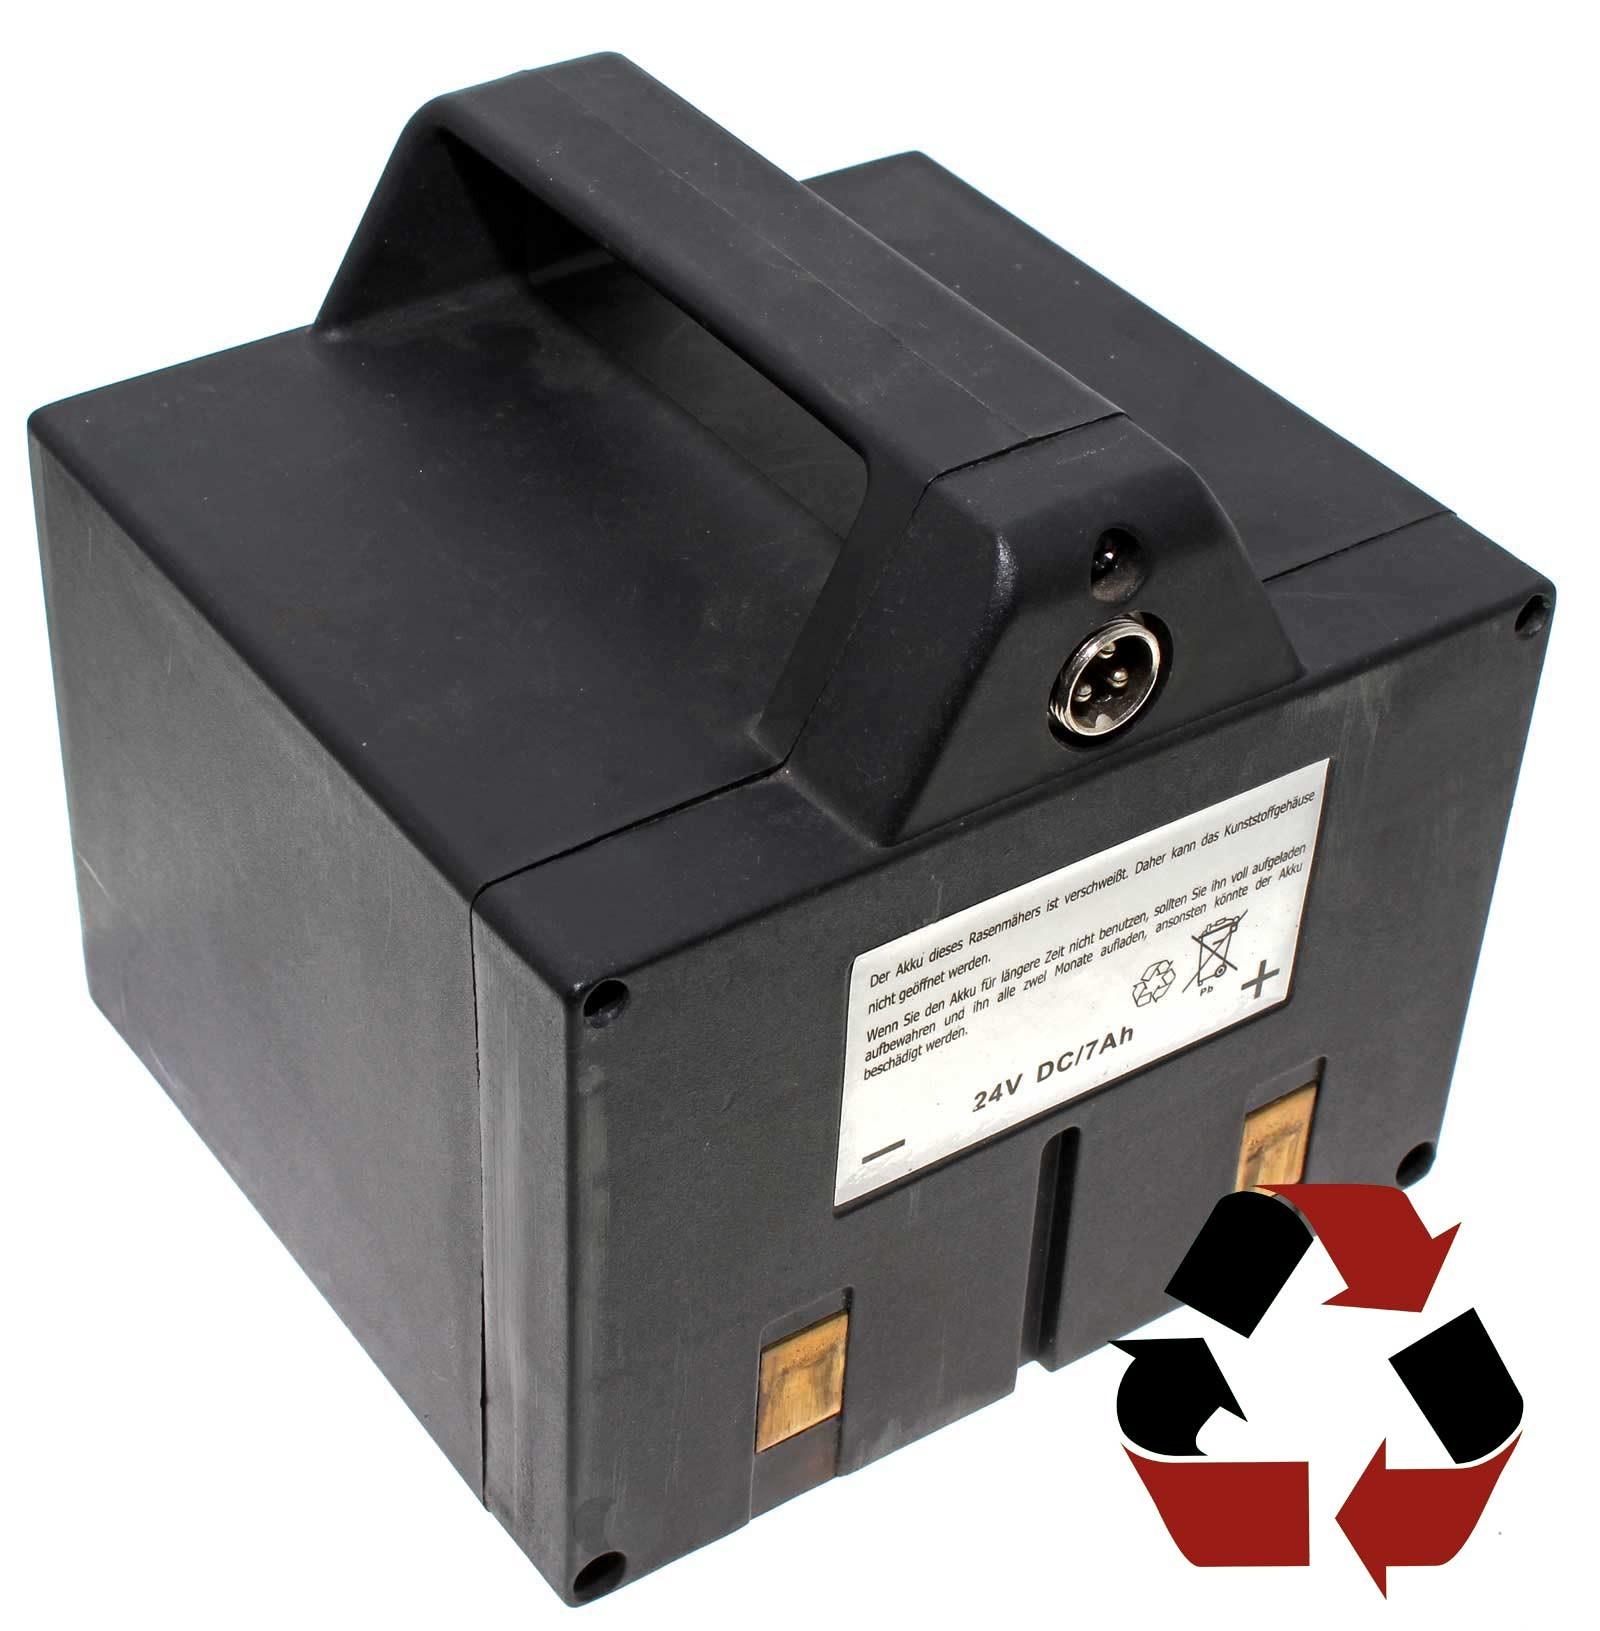 Wir tauschen die Zellen (24v DC/7Ah) des Akku-Packs Ihres Green Tools XSS30 ed Akku-Rasenmähers aus